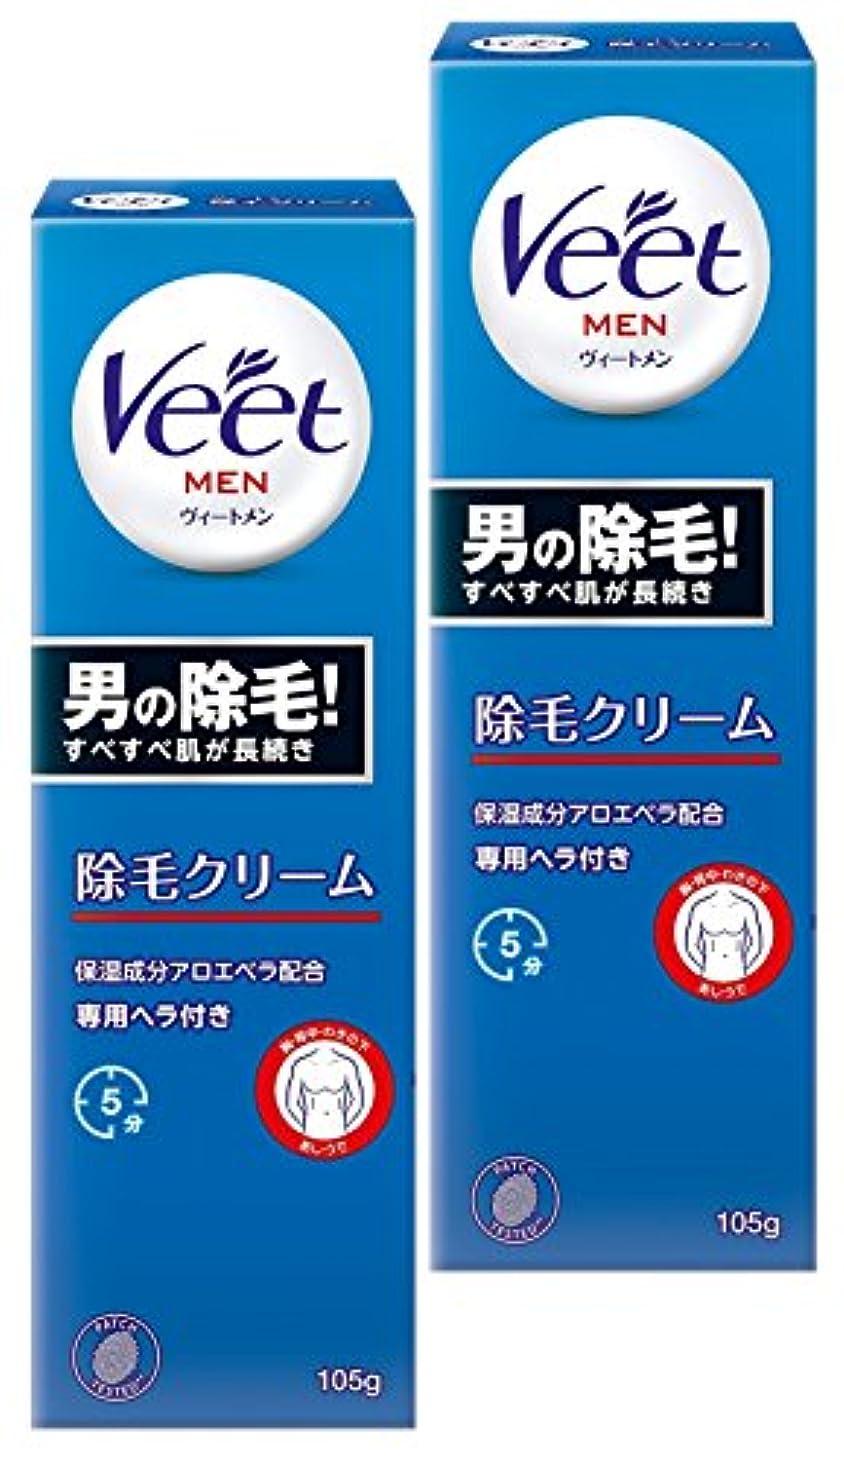 変更リム縫う【医薬部外品】ヴィートメン Veet Men 除毛クリーム 敏感肌用 105g×2